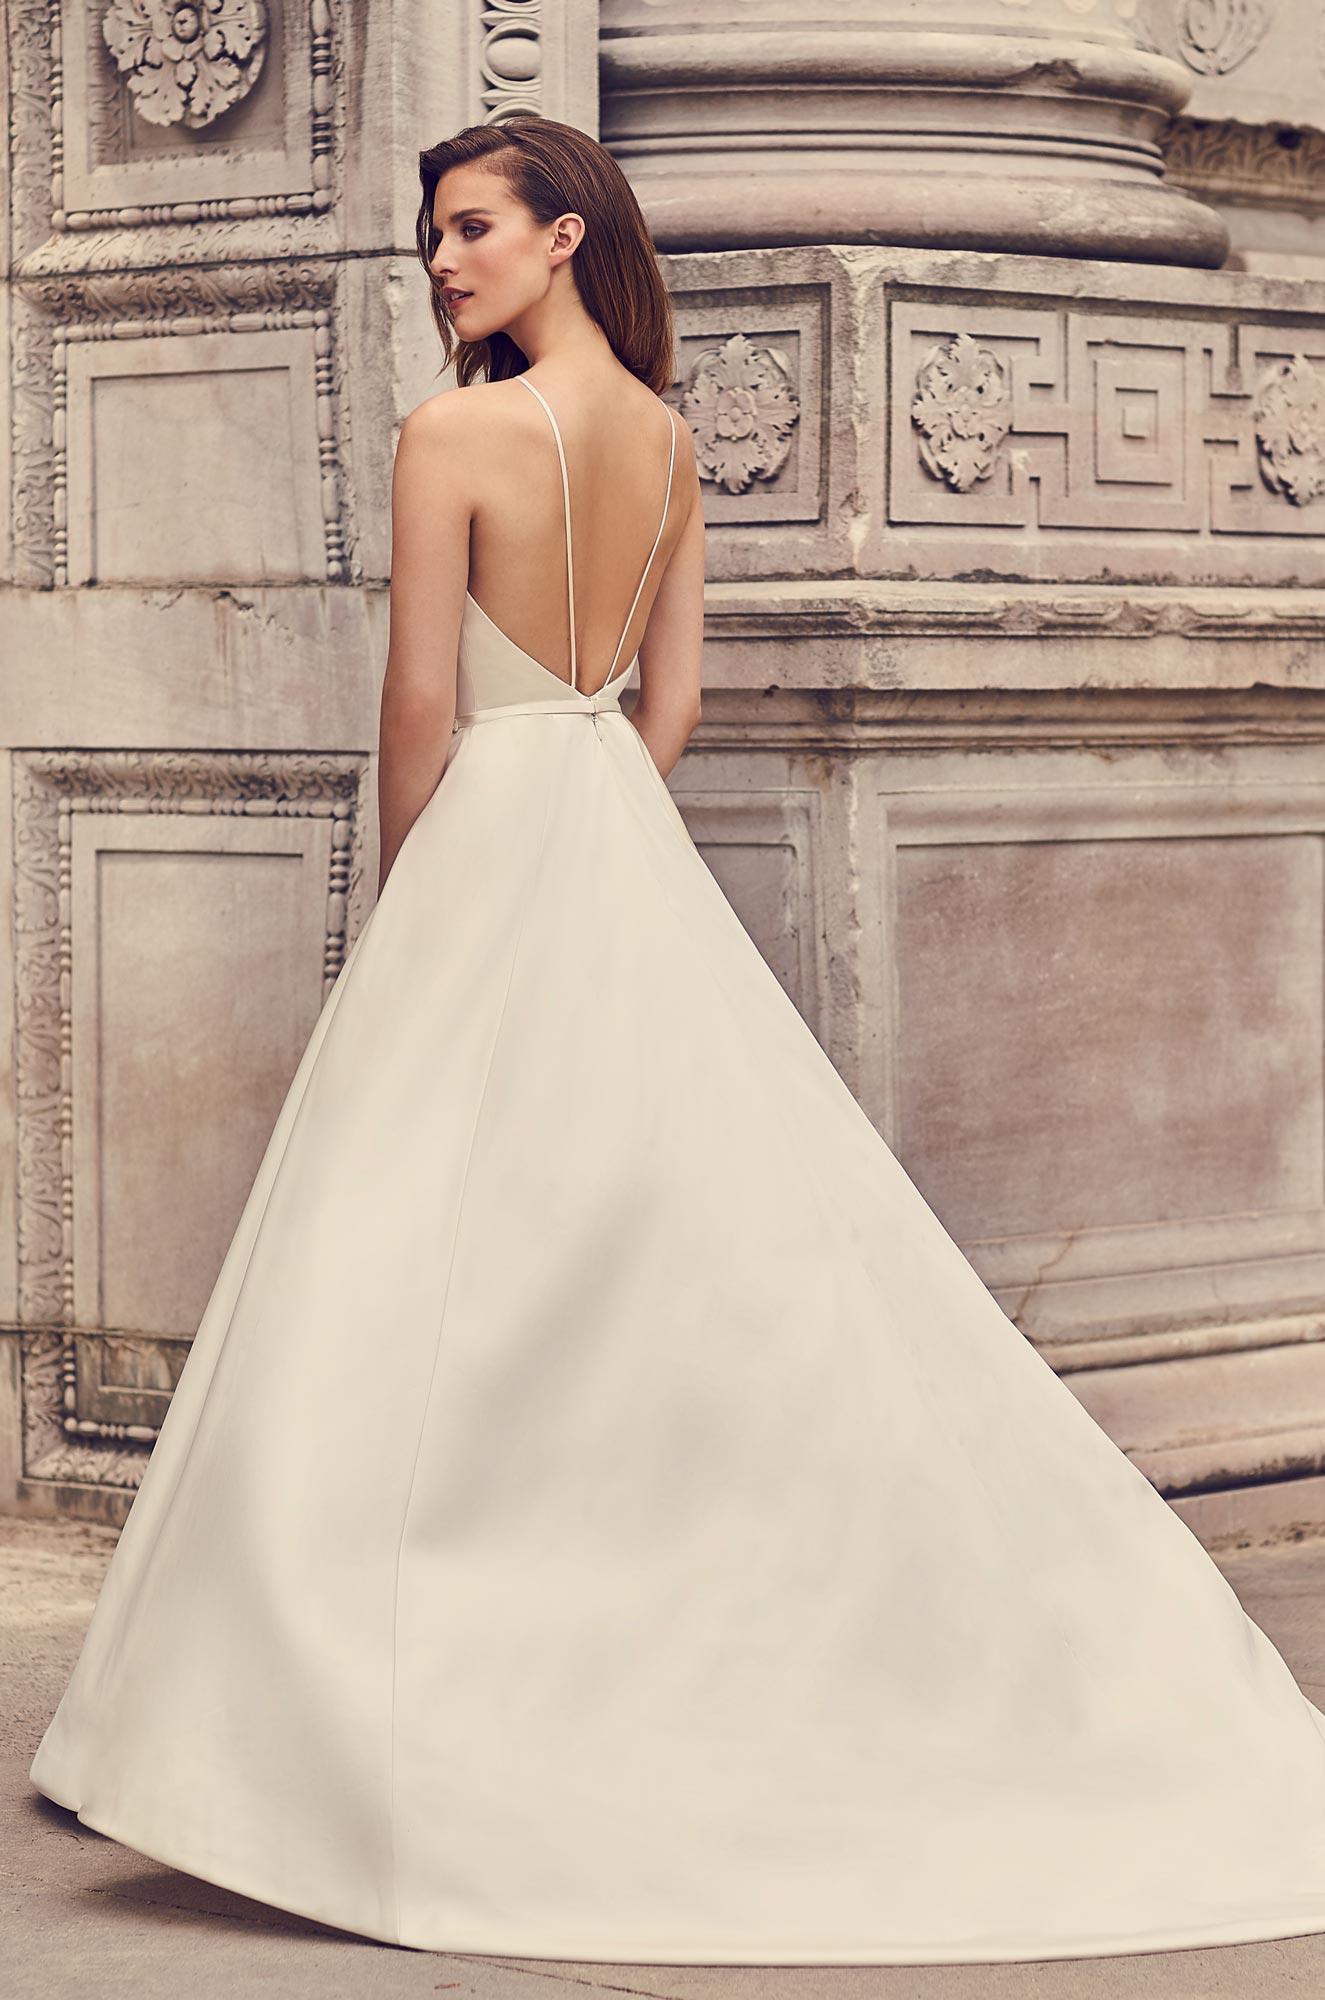 Halter Neckline Ball Gown Wedding Dress Style 2236 Mikaella Bridal